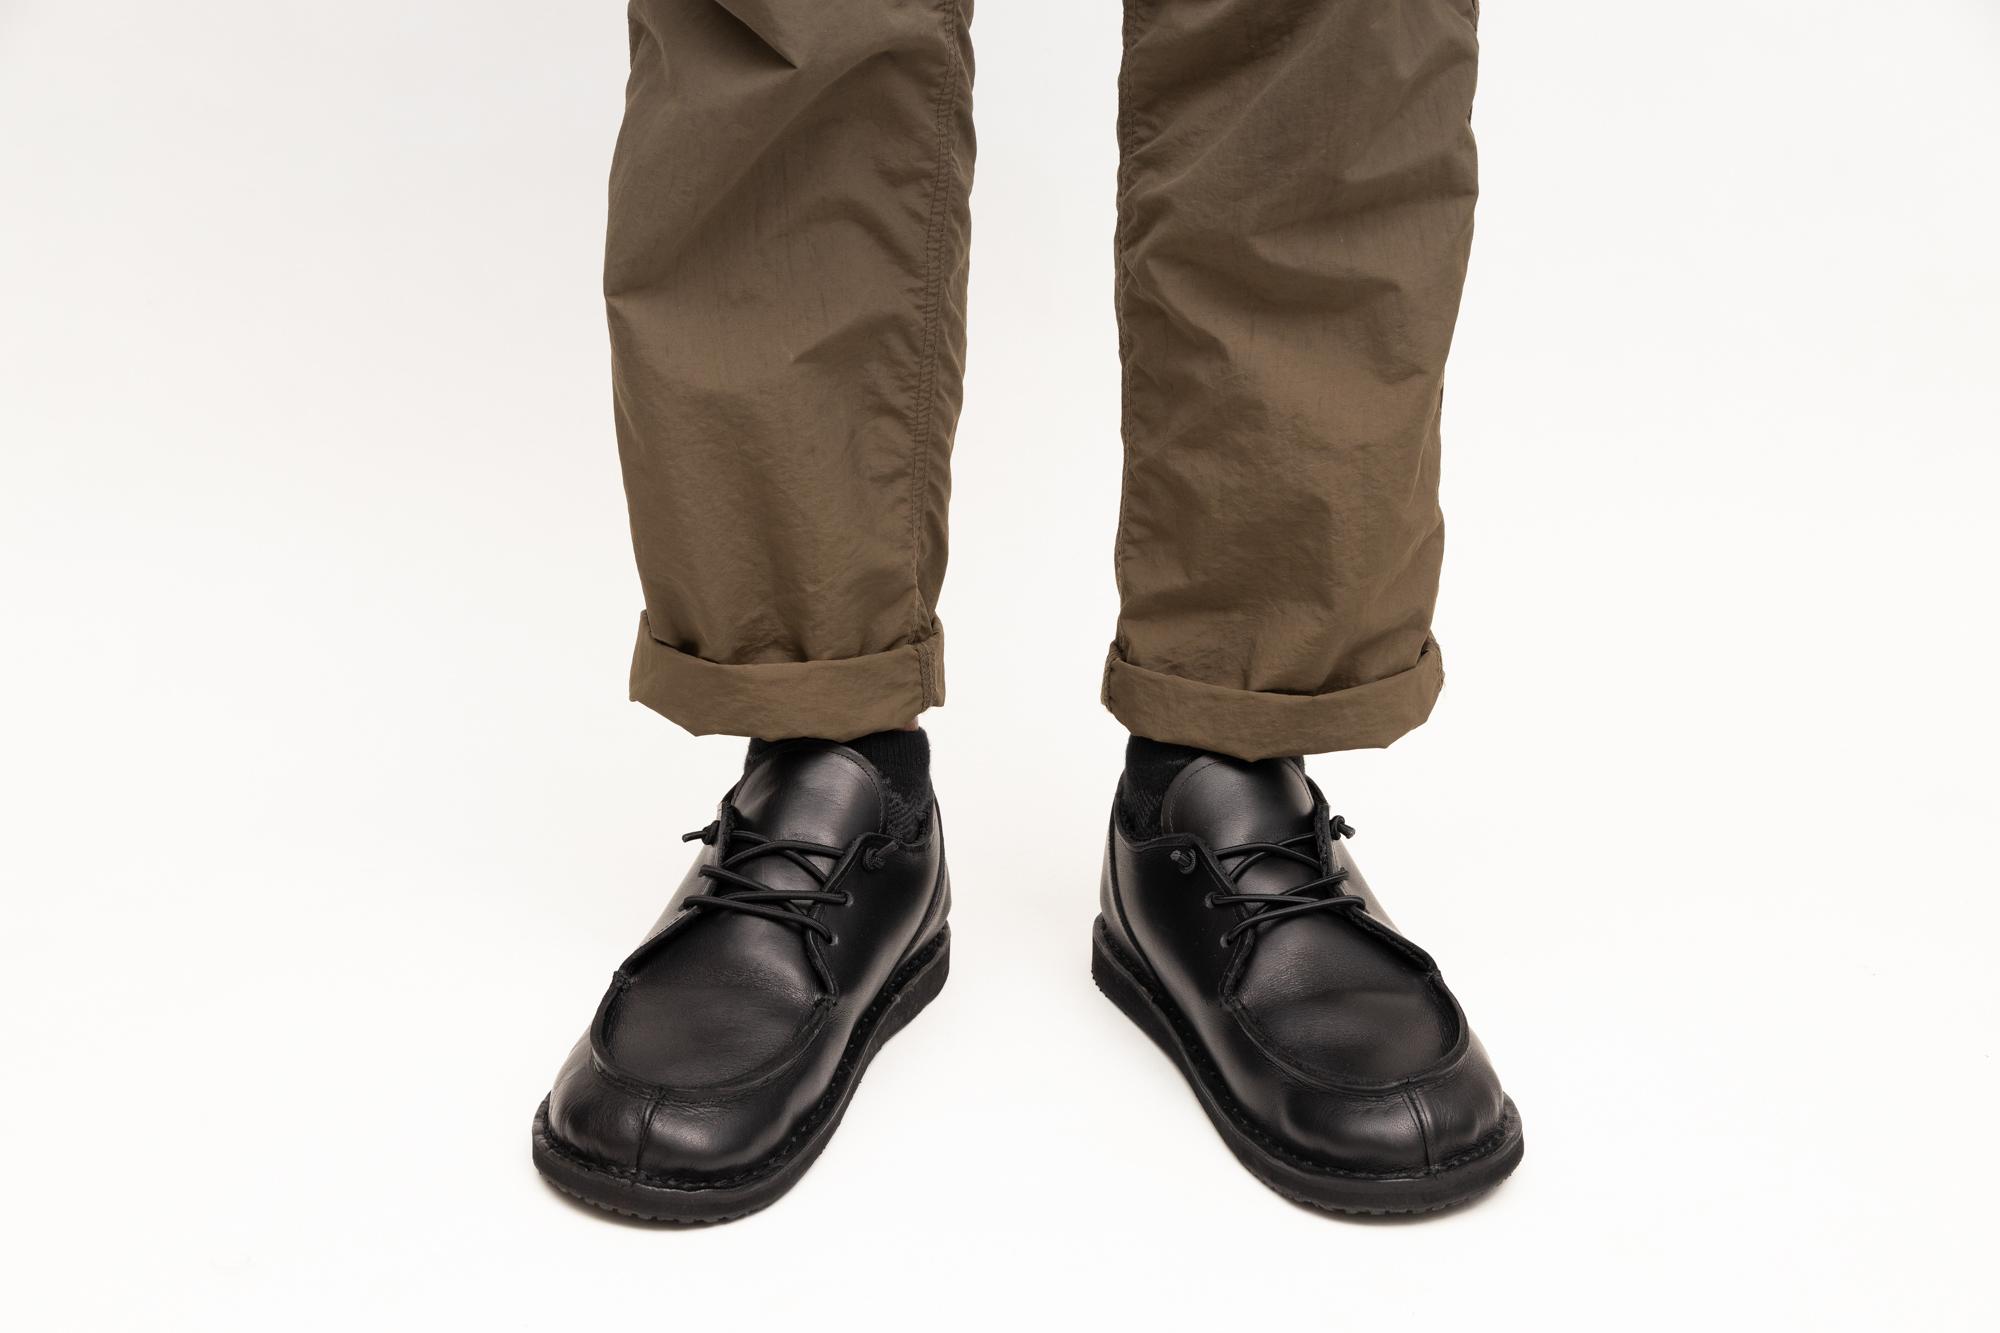 キャンプ用の歩きやすい靴を作りました。01 by T-BOARD